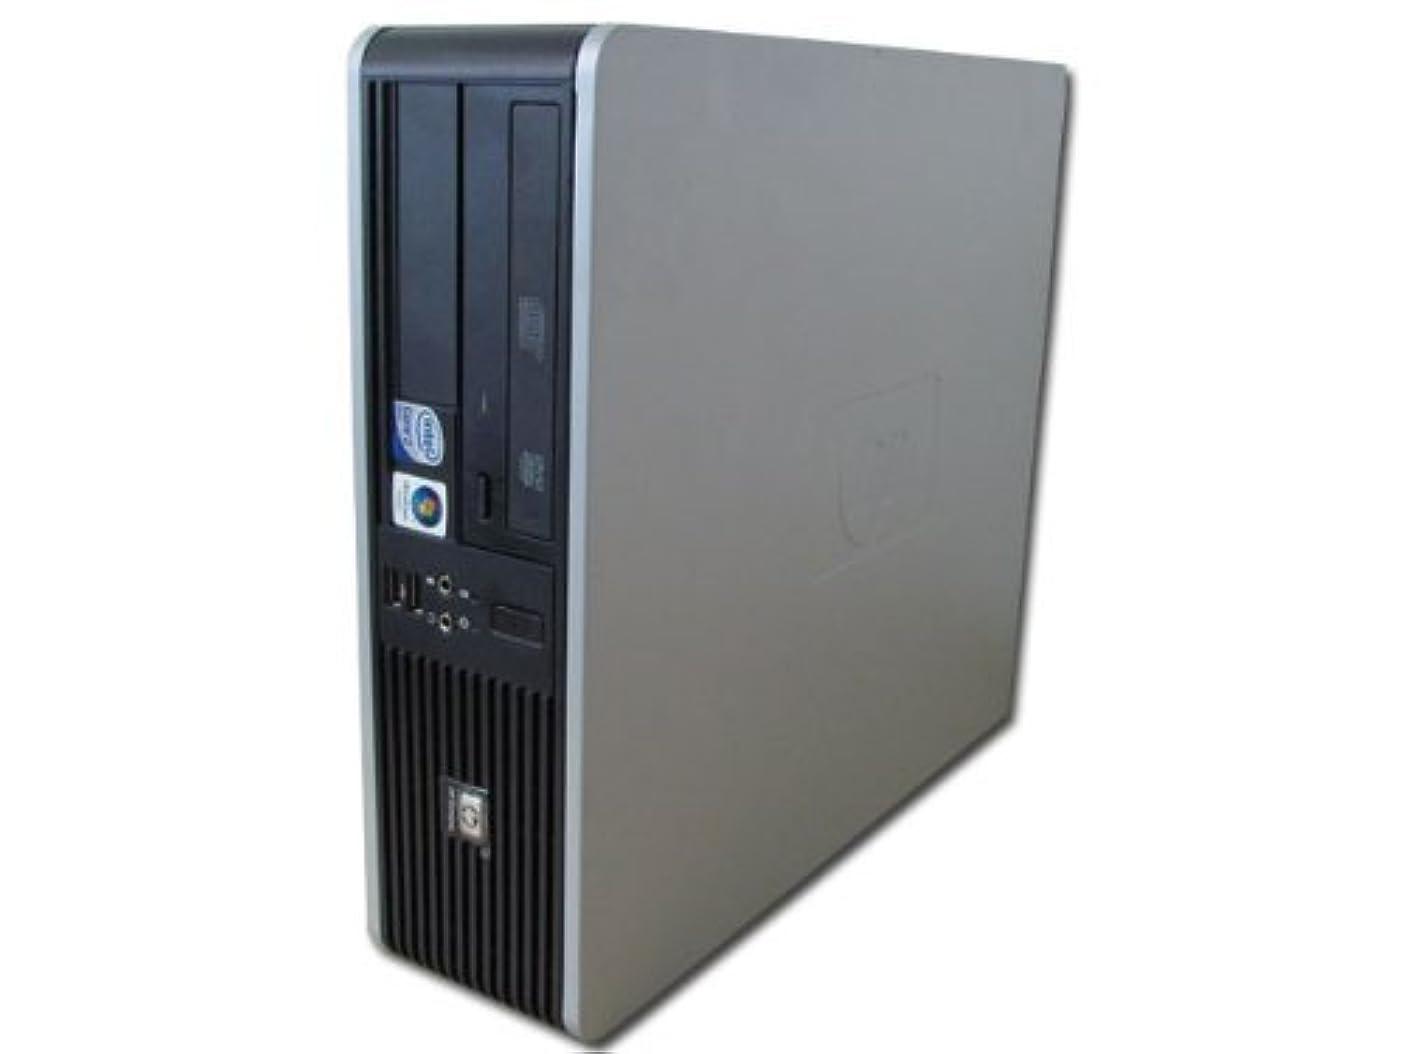 分解する余分な謎めいたヒューレット?パッカード 【中古デスクトップパソコン】dc5800 Core2Duo2.2/1G/80G/DVDマルチ/リカバリ/WindowsXP Pro